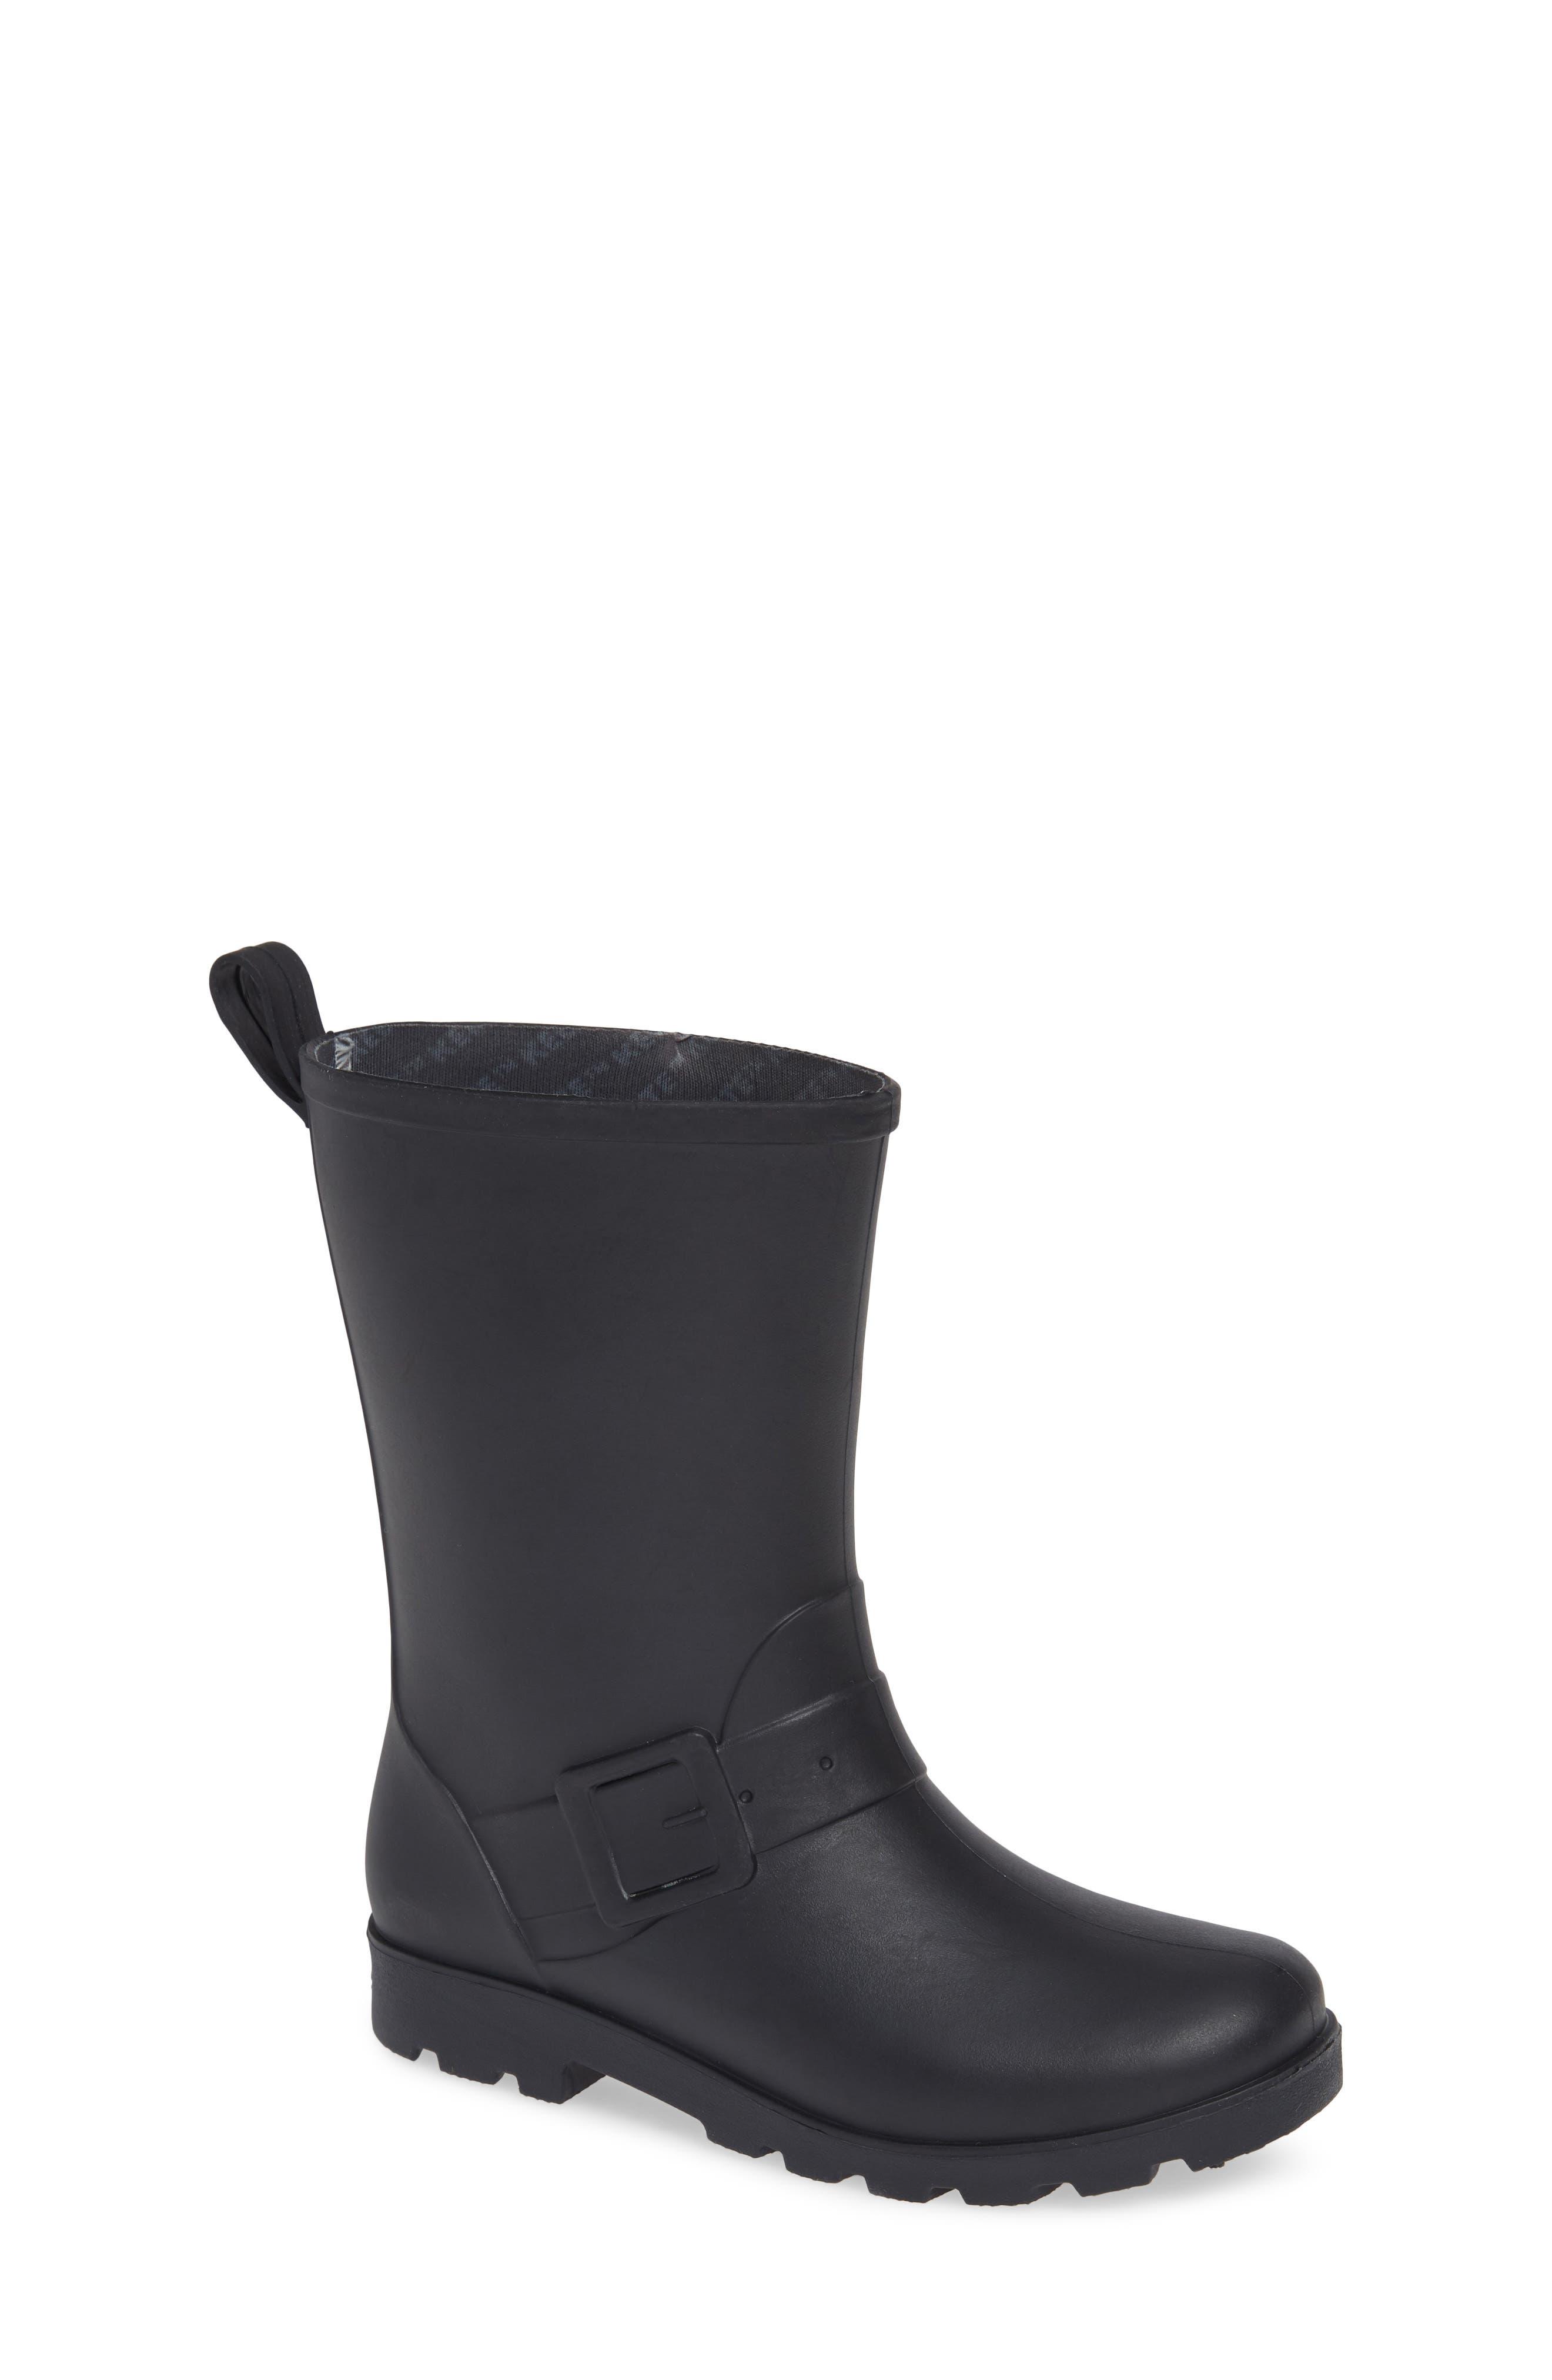 NATIVE SHOES Native Barnett Rain Boot, Main, color, 002